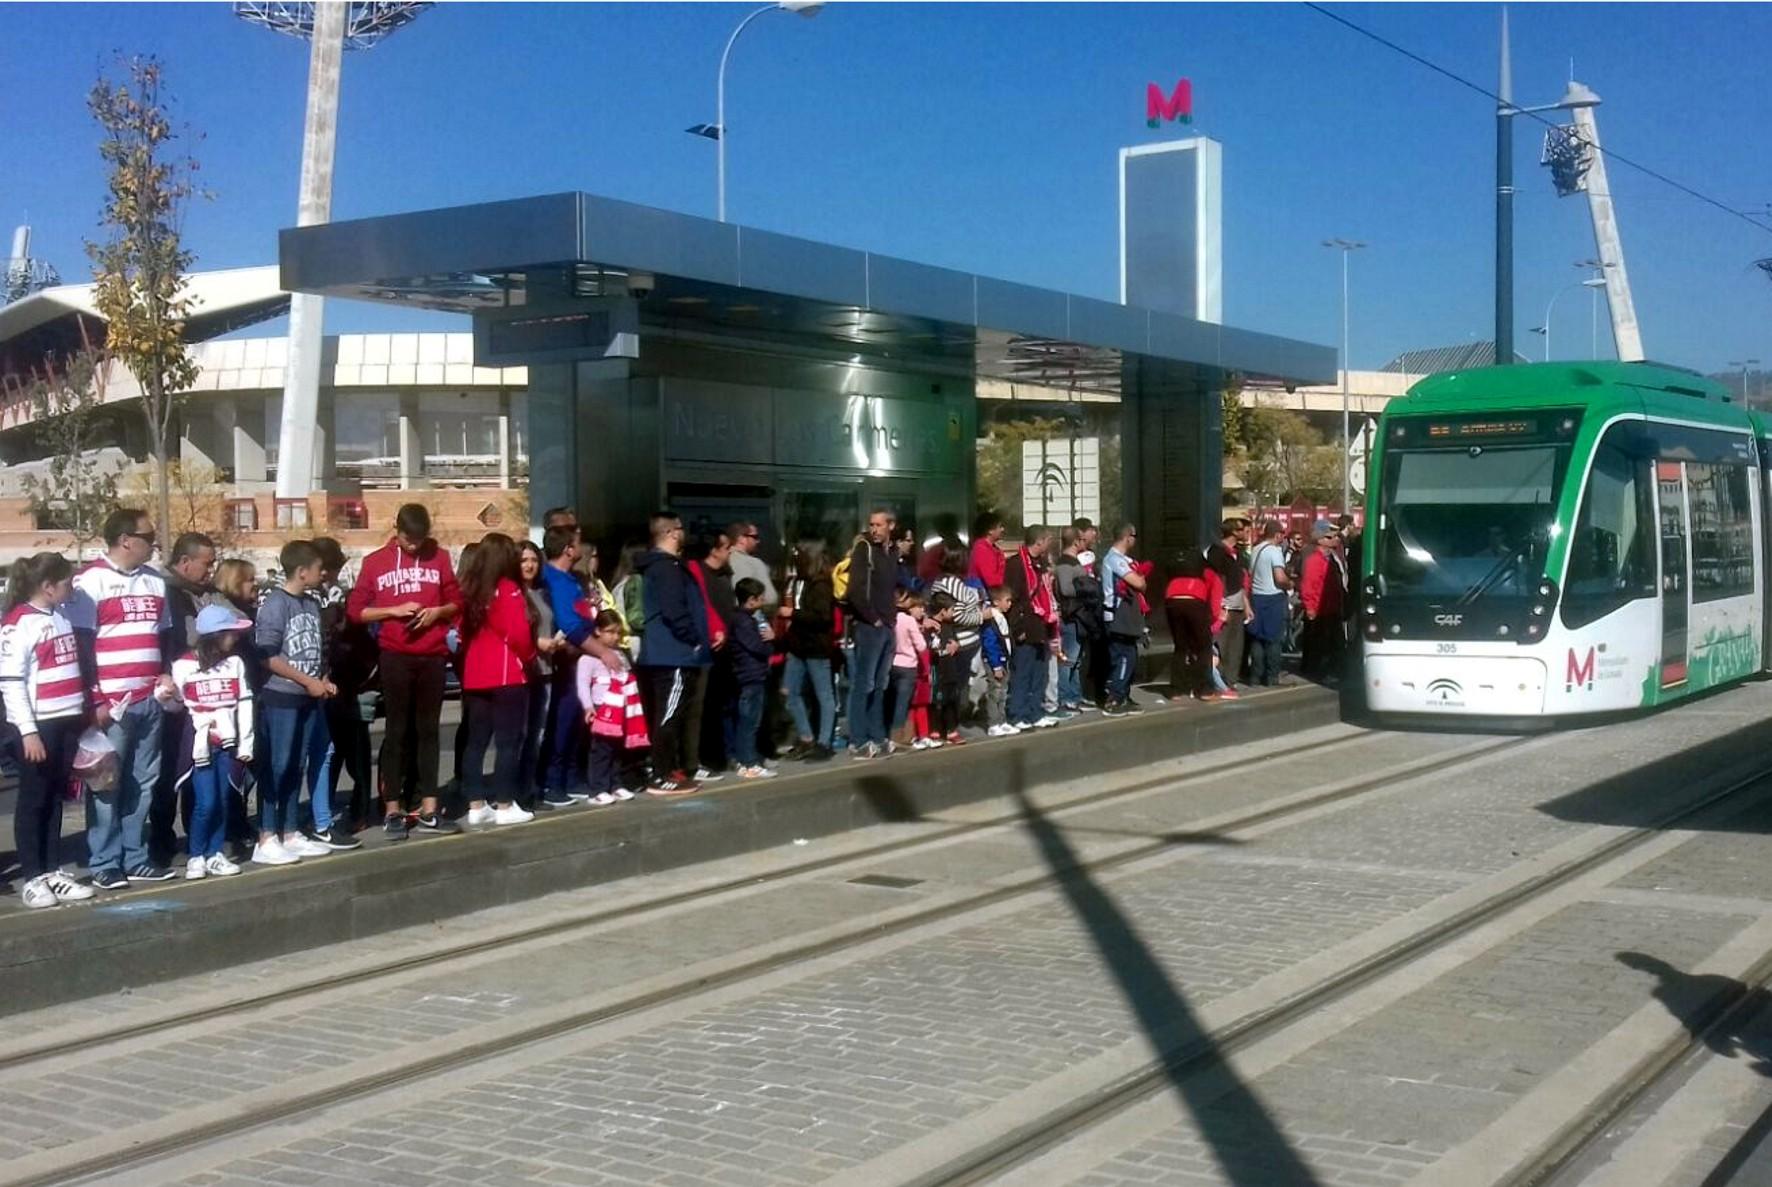 Usuarios del Metro de Granada asisten a un partido de la temporada pasada del Granada FC